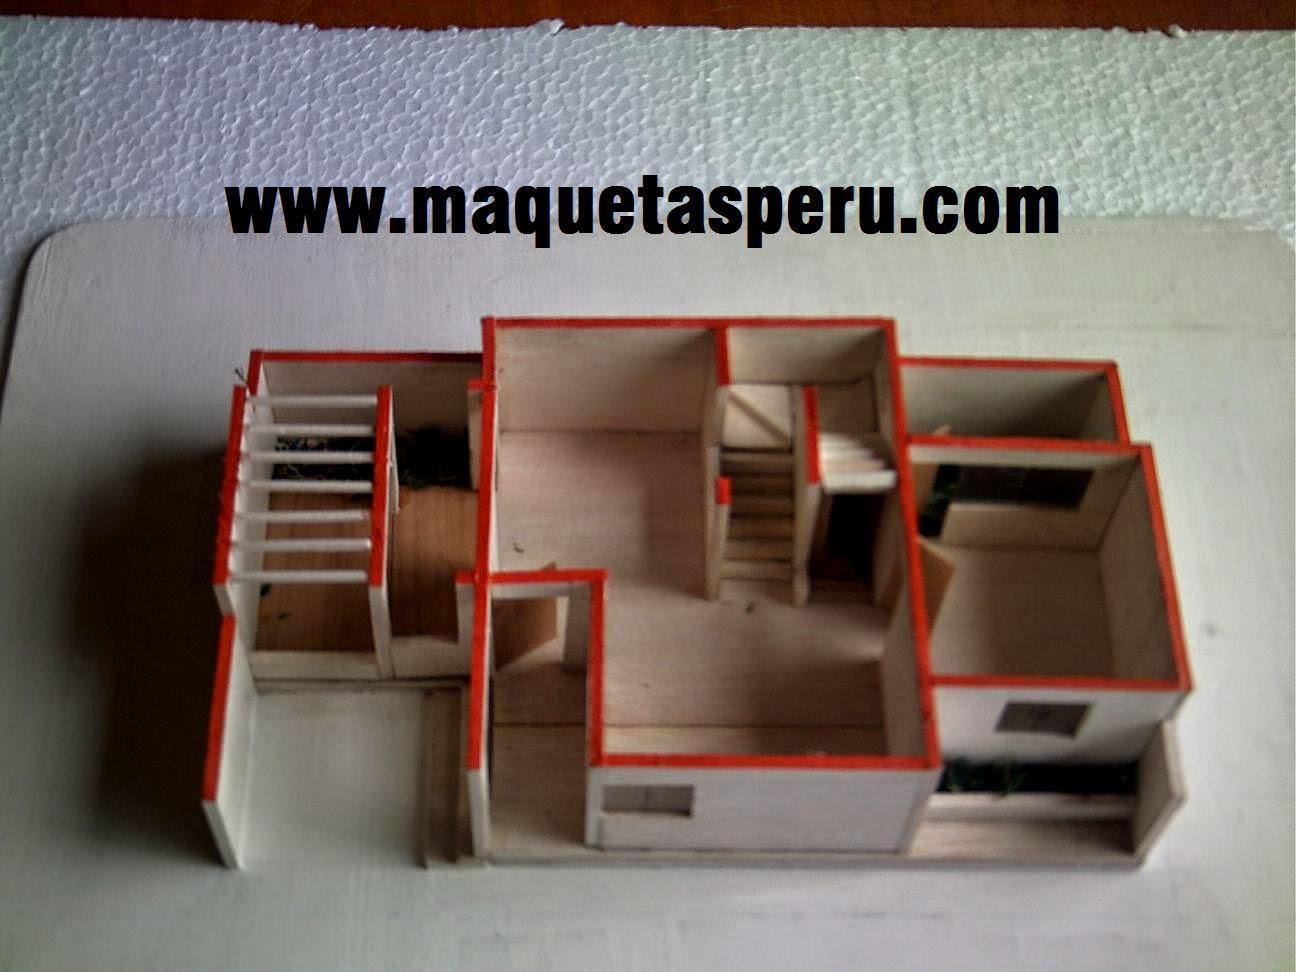 Maquetas escolares cel 977524113 whatsapp como hacer for Diseno de apartamentos para estudiantes